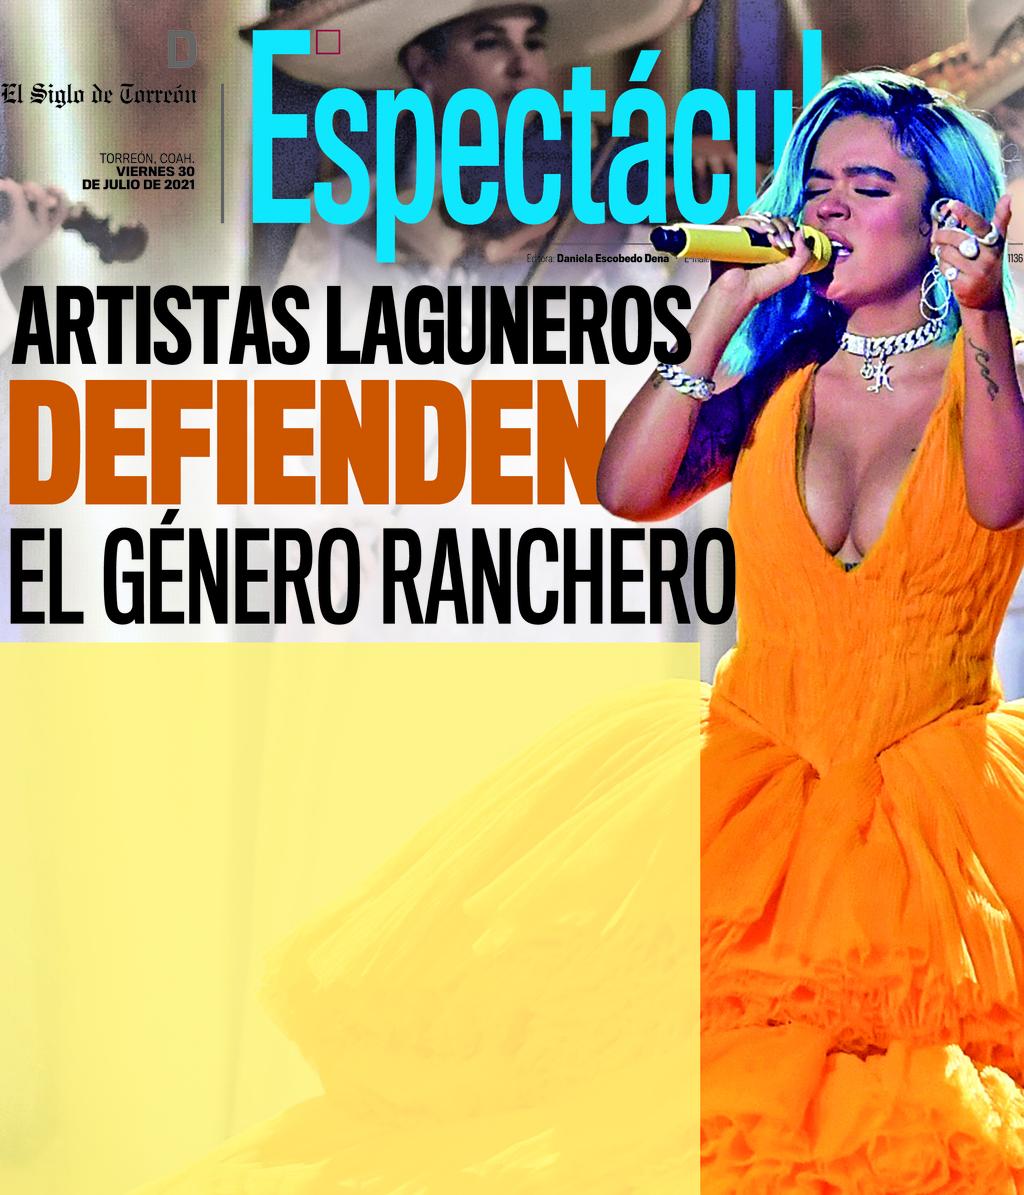 Artistas laguneros defienden el género ranchero